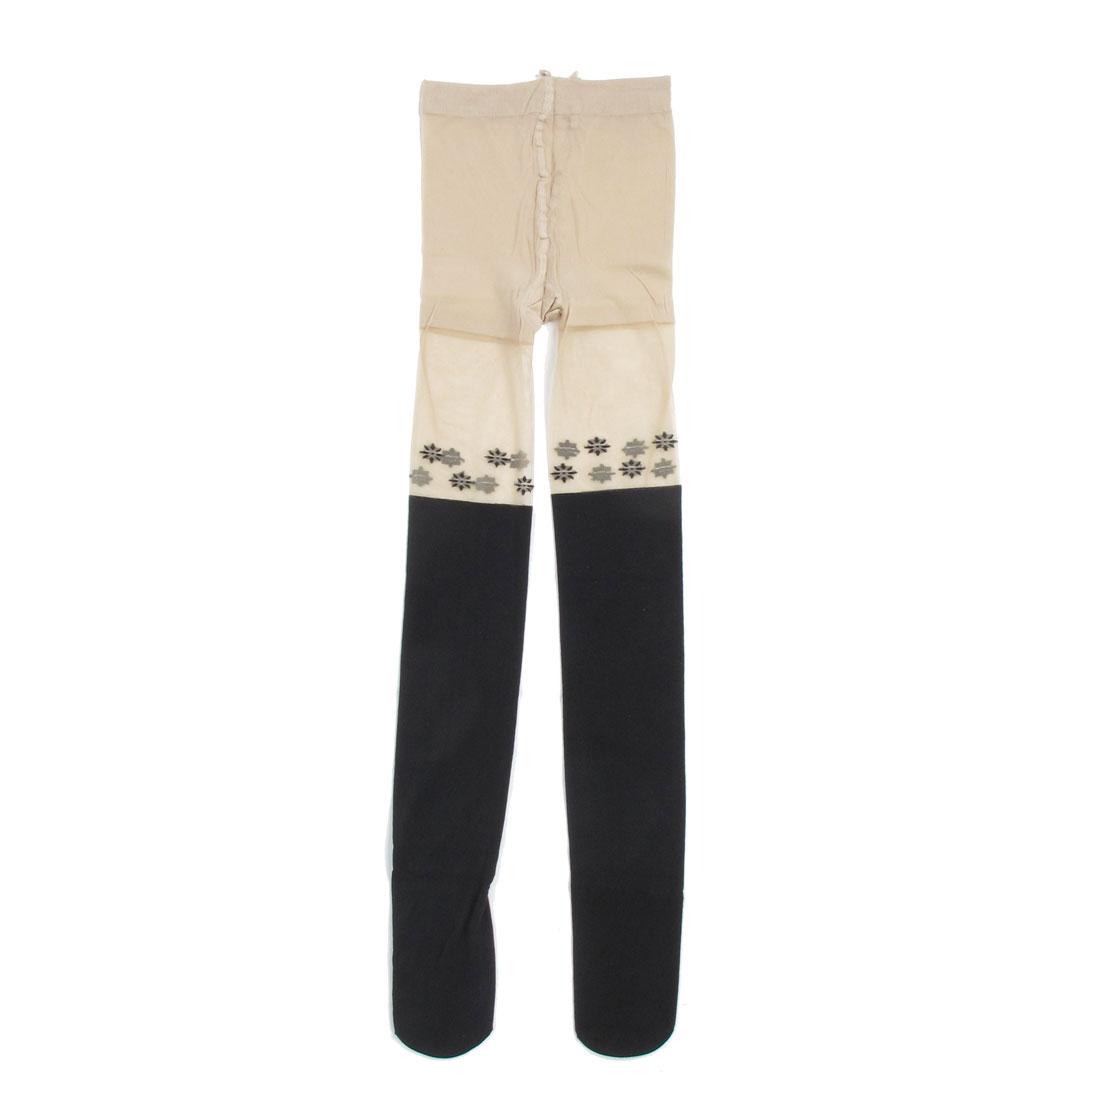 Ladies Beige Black Split Joint Flower Pattern Footed Leggings Pantyhose XS